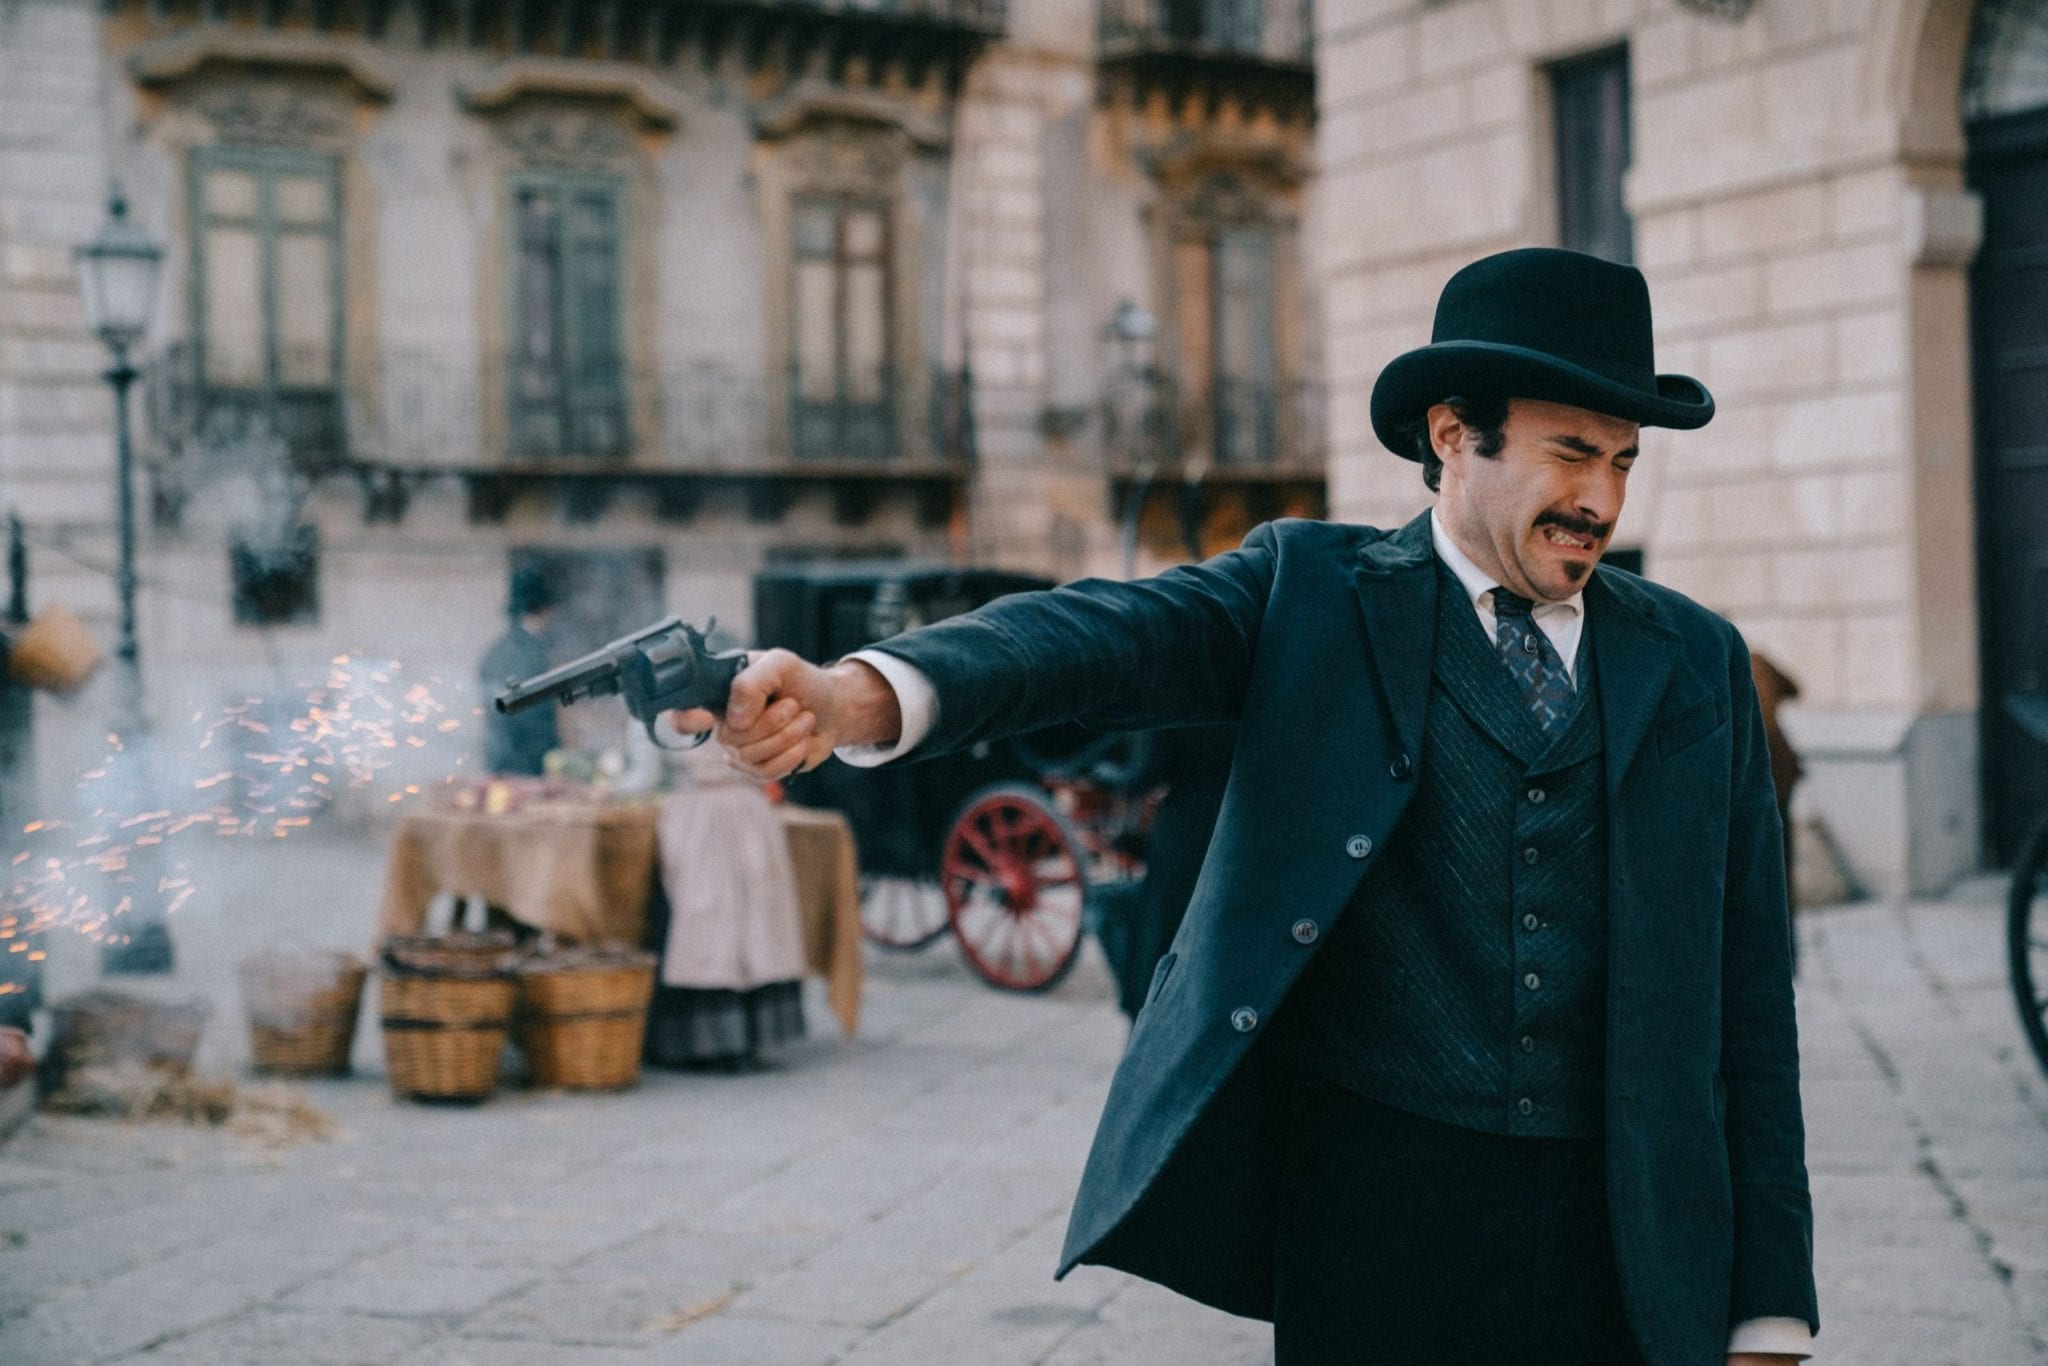 Speciale Fictionerò: La concessione del telefono - C'era una volta Vigata. Con protagonista Alessio Vassallo, in 1ªtv assoluta su Rai1